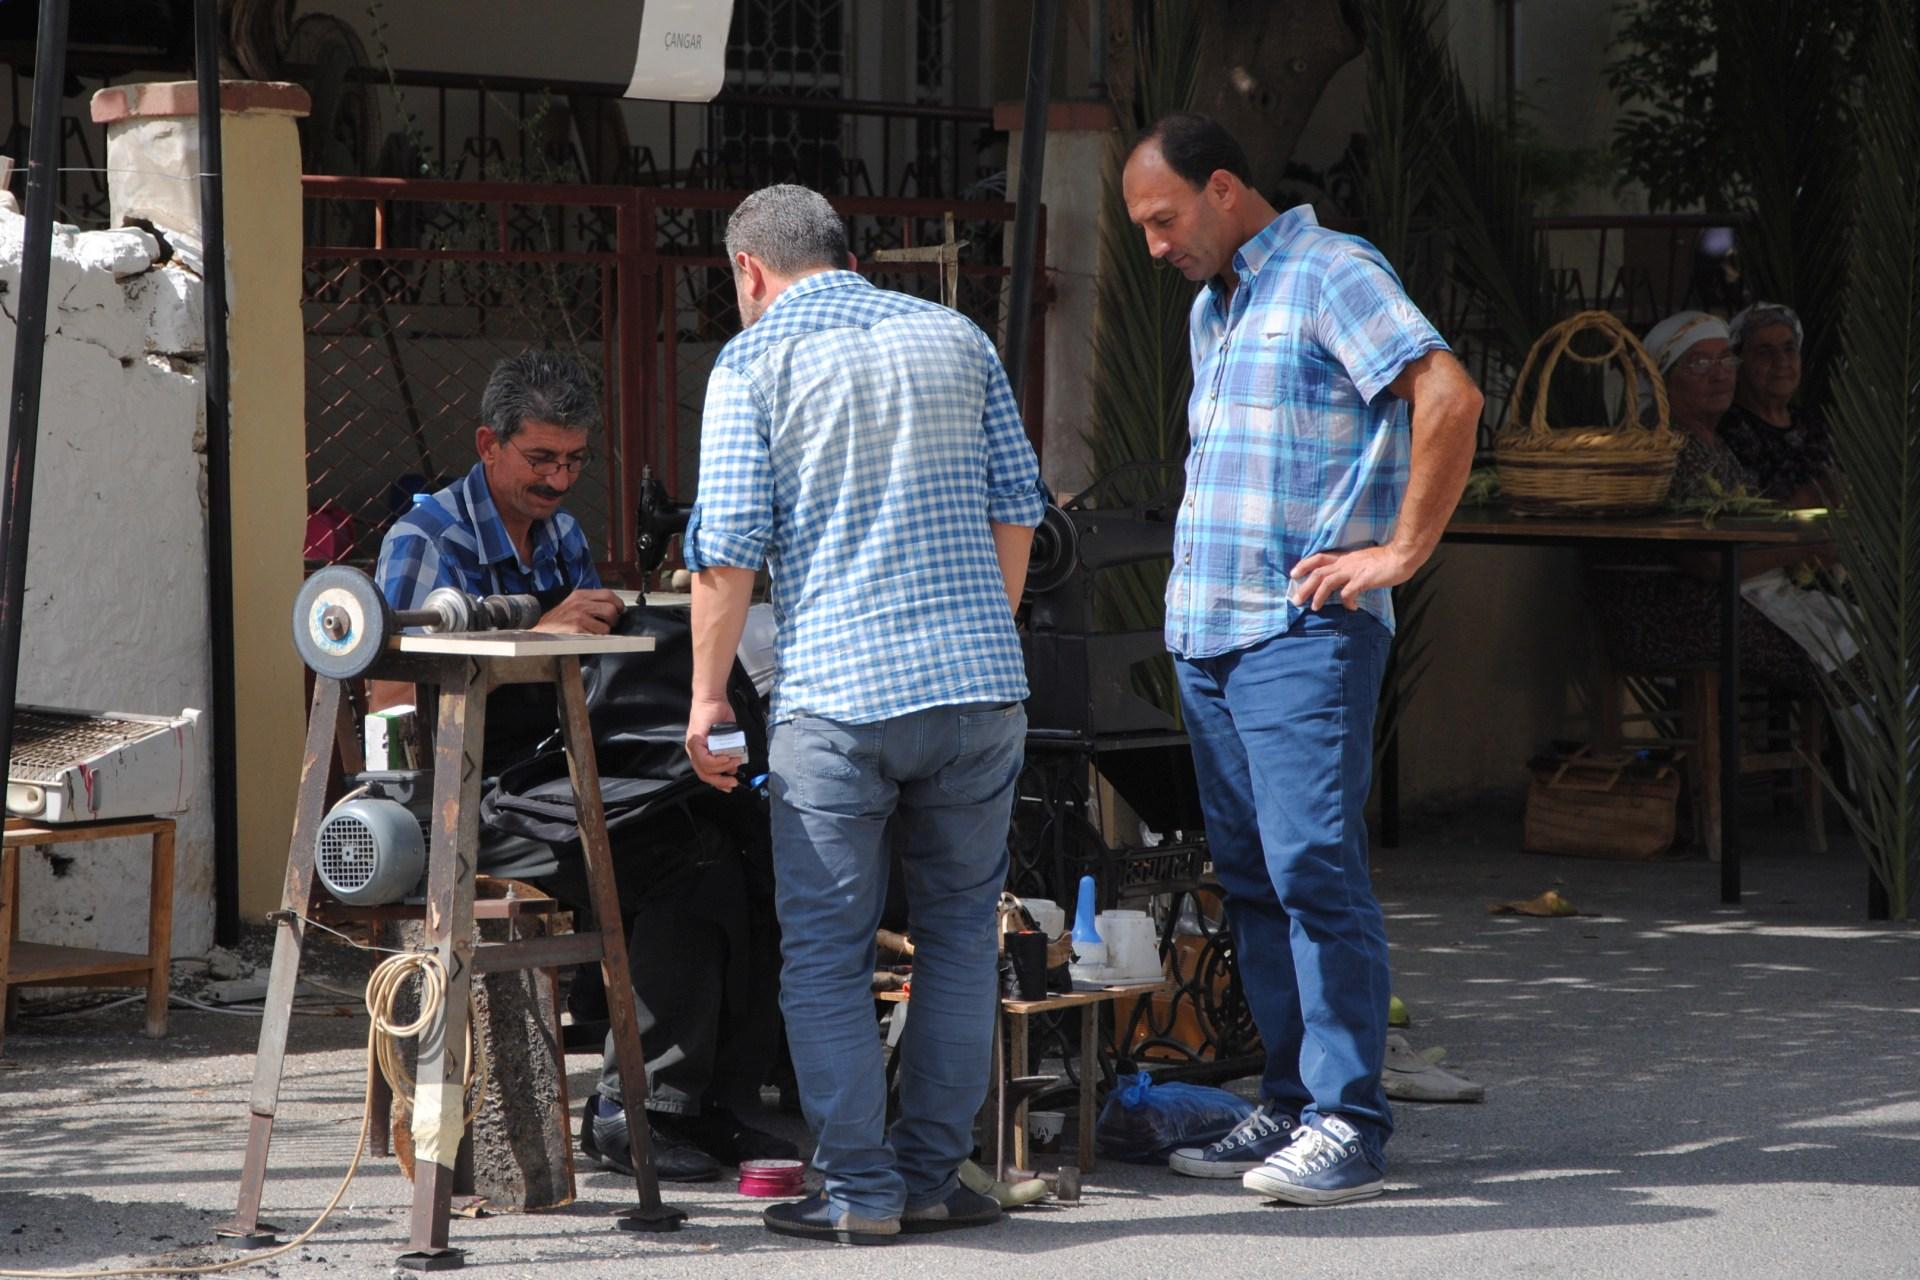 Ein Schneider unterhält sich mit zwei Männern